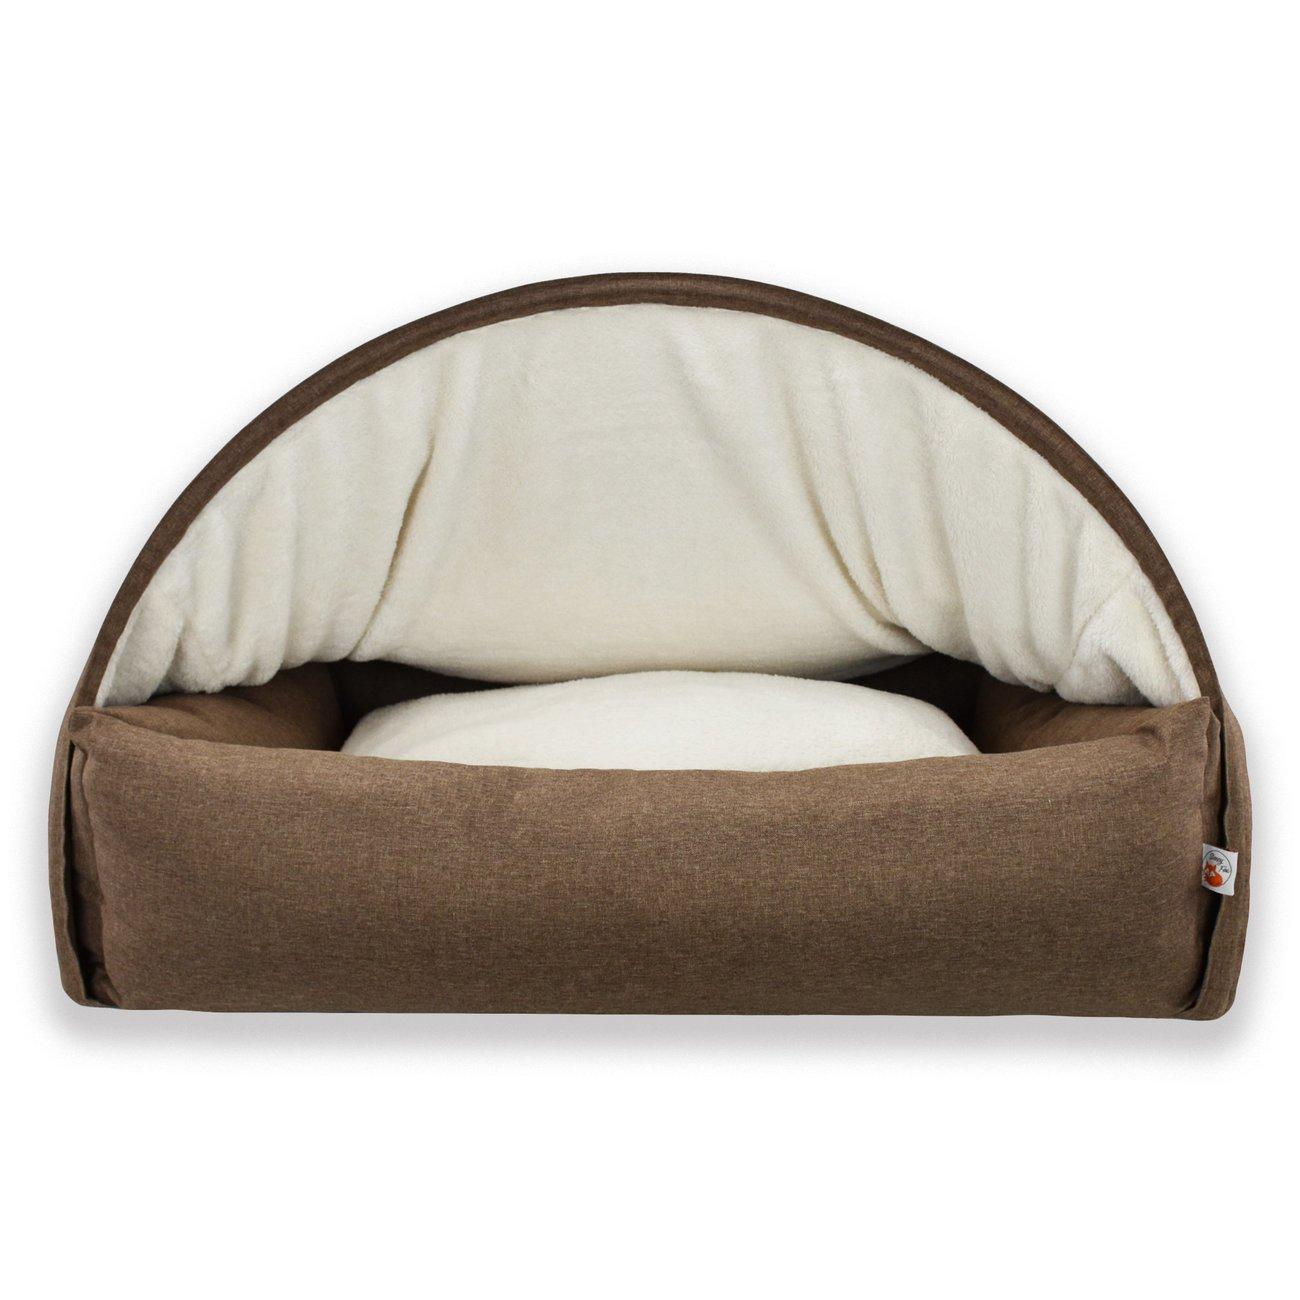 Sleepy Fox® Kuschelhöhlen Hundebett, Bild 4